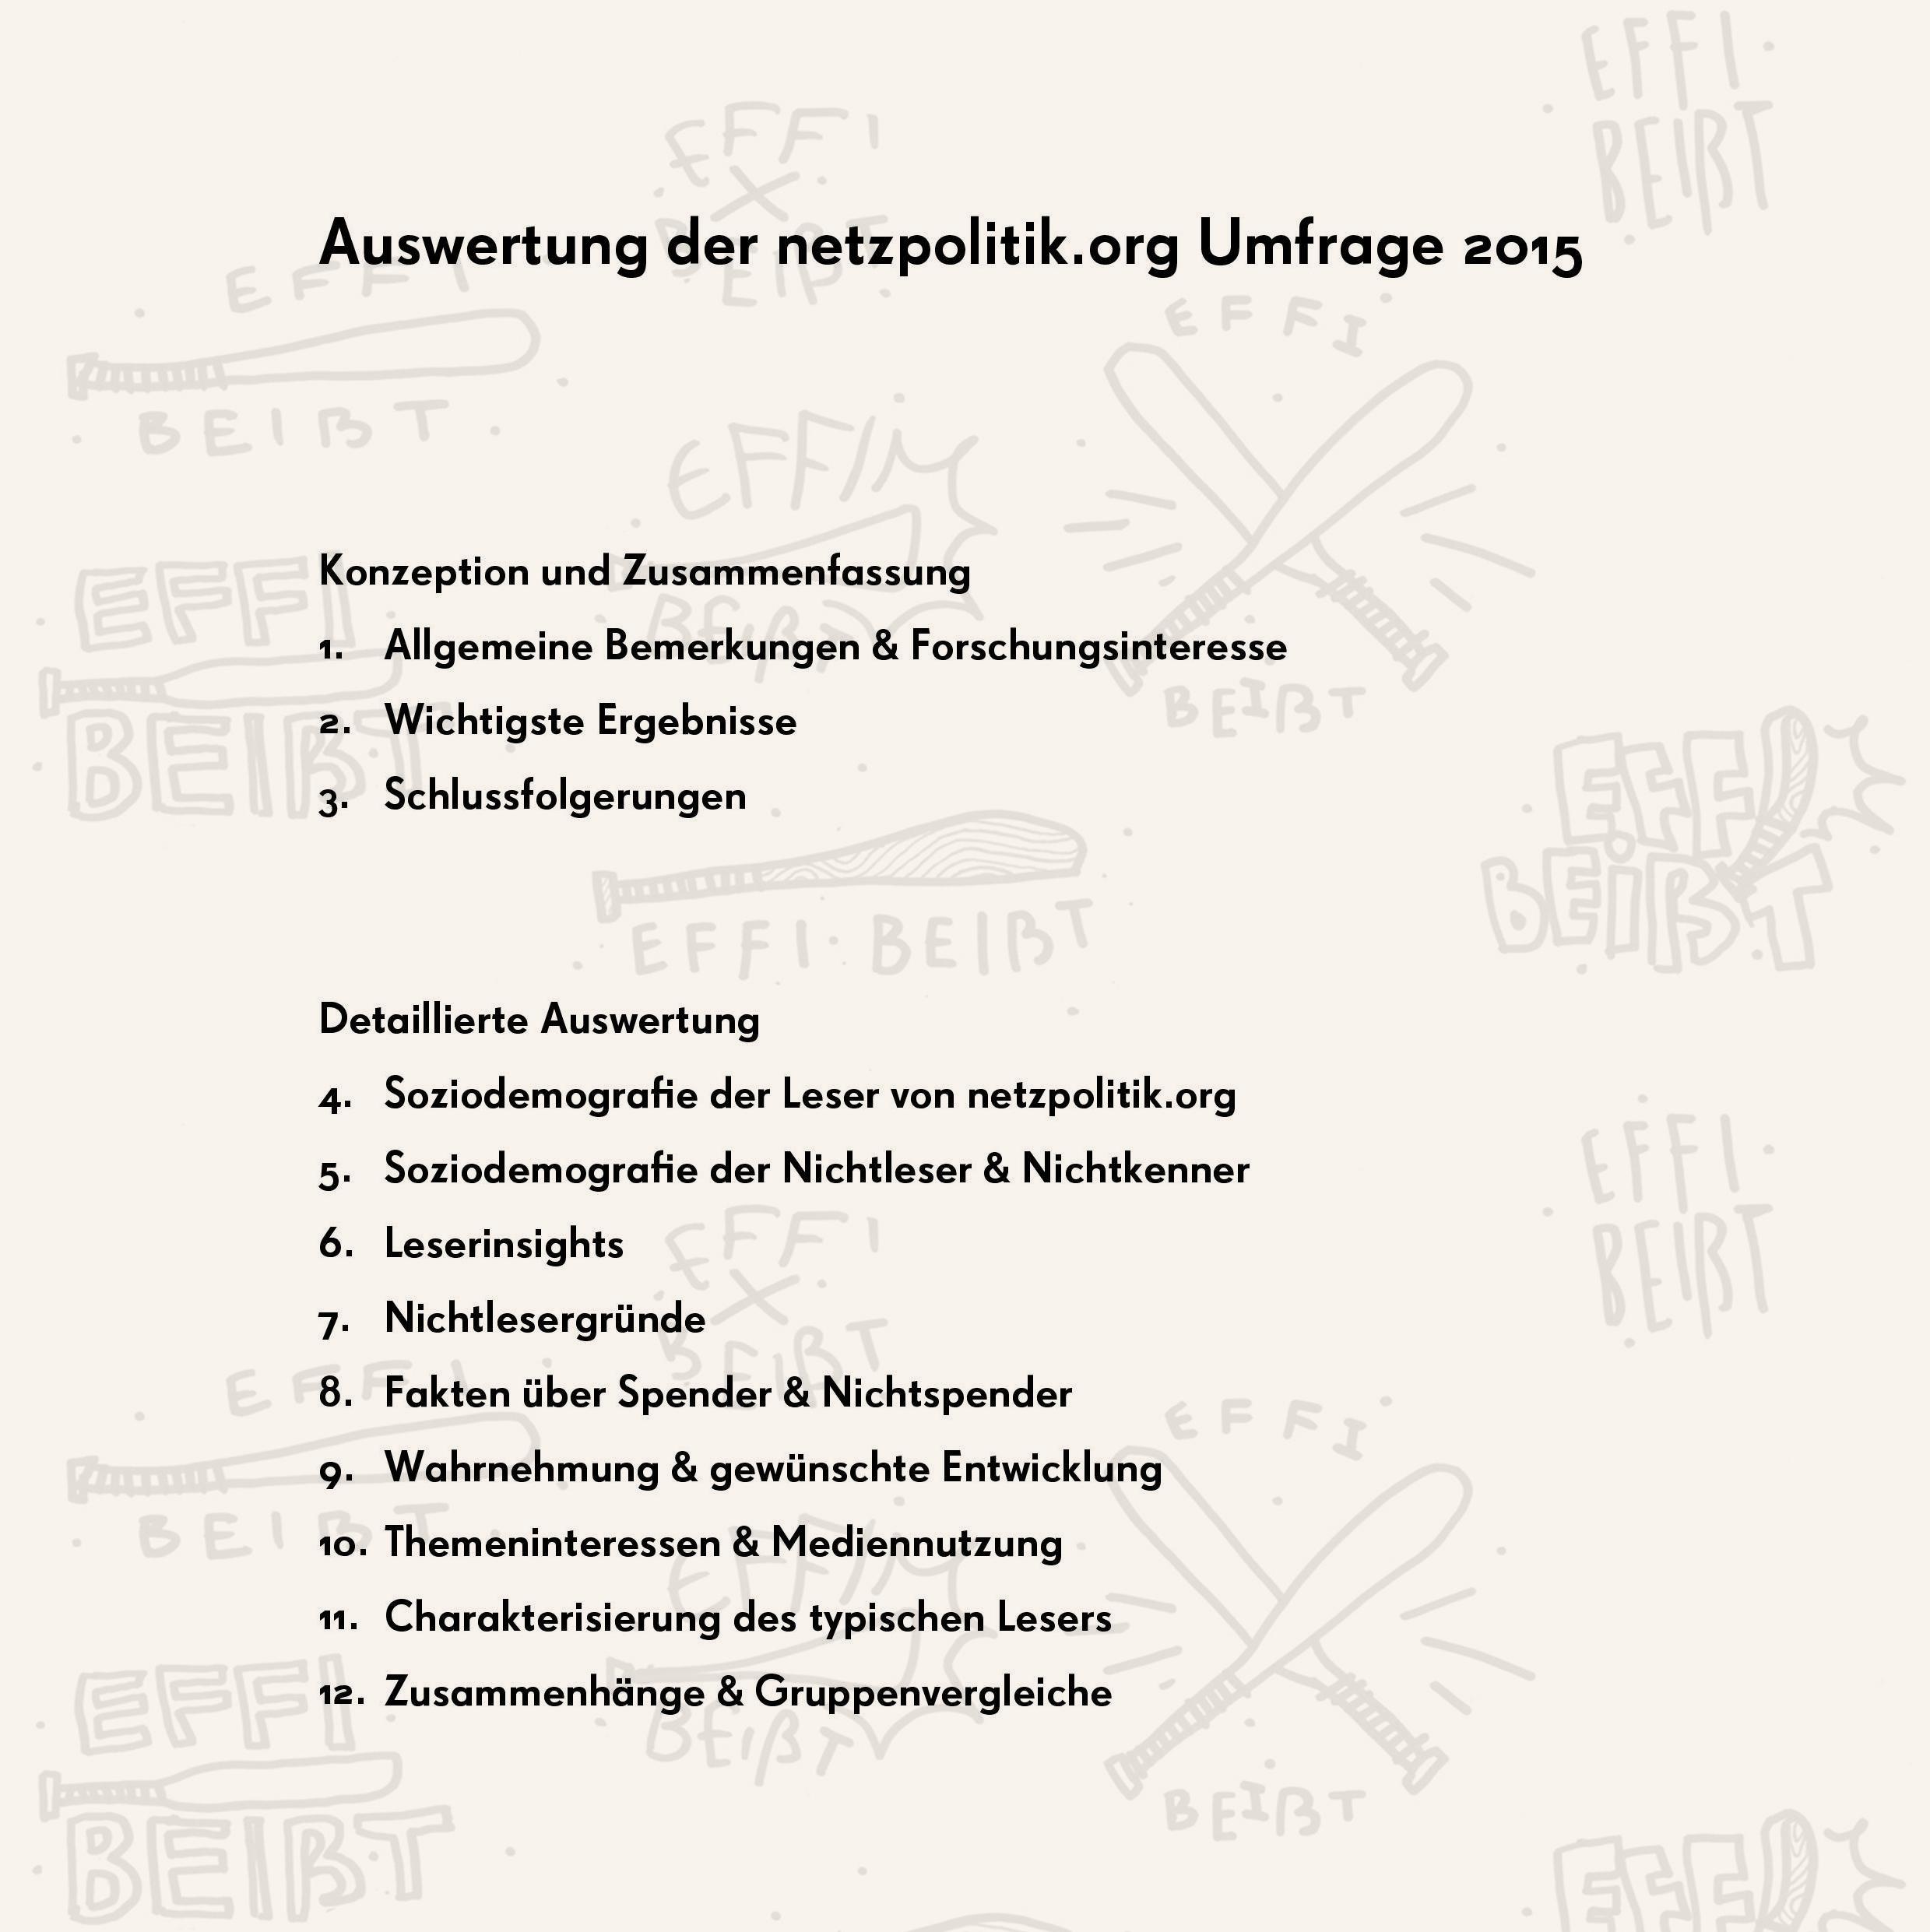 Inhaltsverz-page-001 Kopie